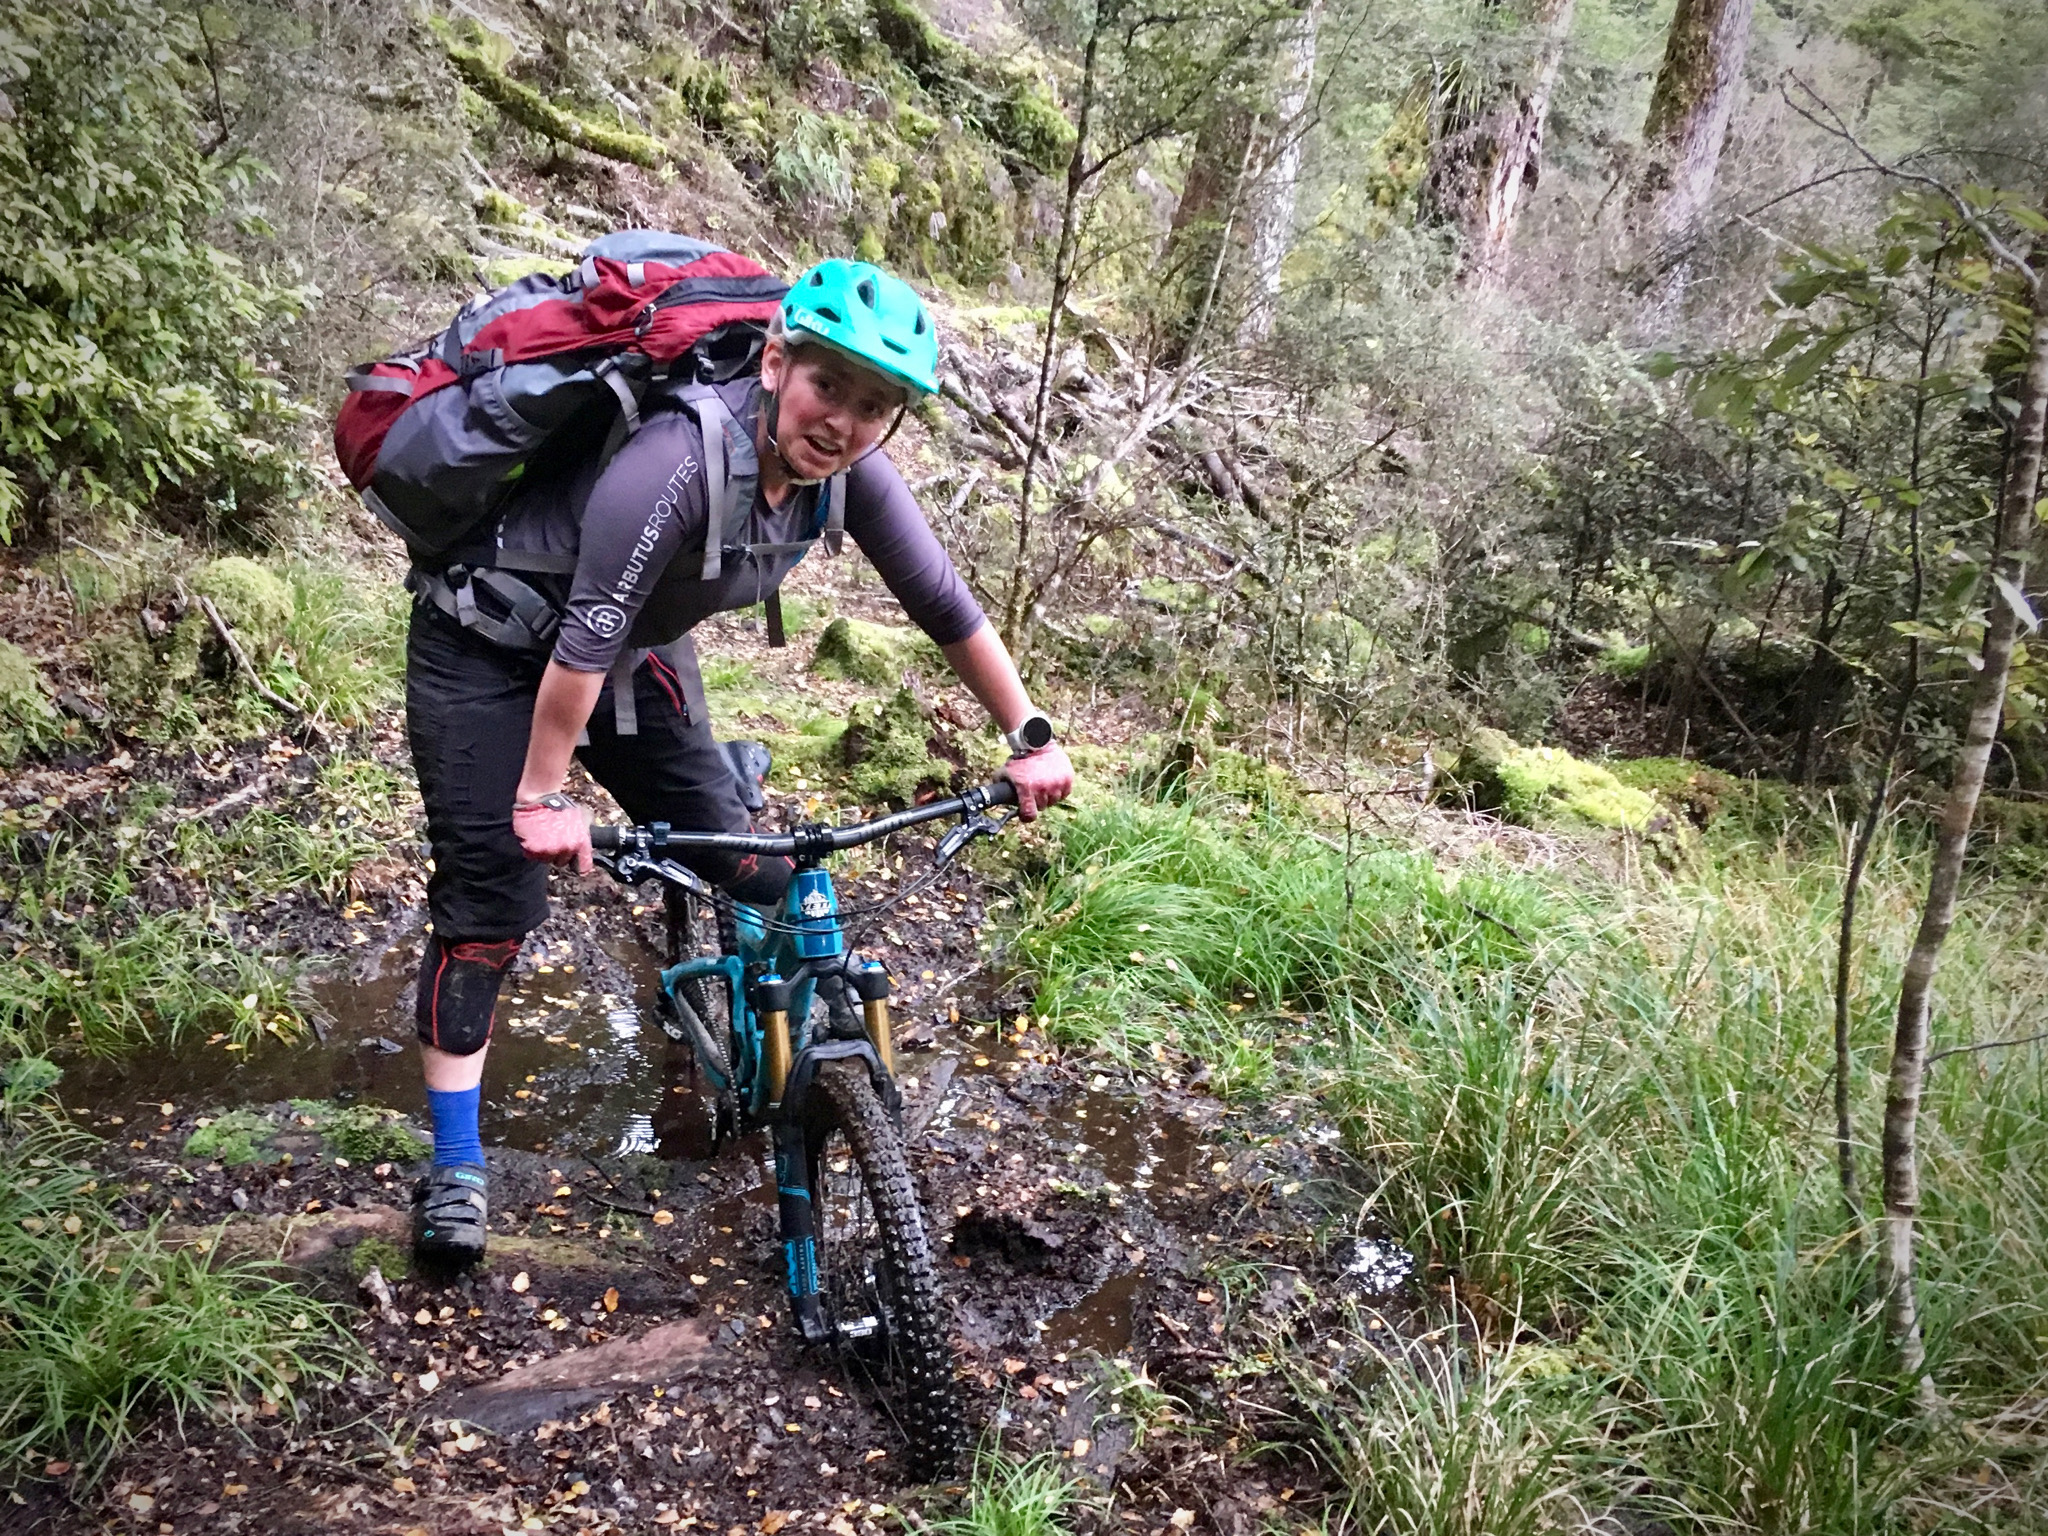 Te-Iringa-bog-crossing-New-Zealand-Bike-packing.jpg